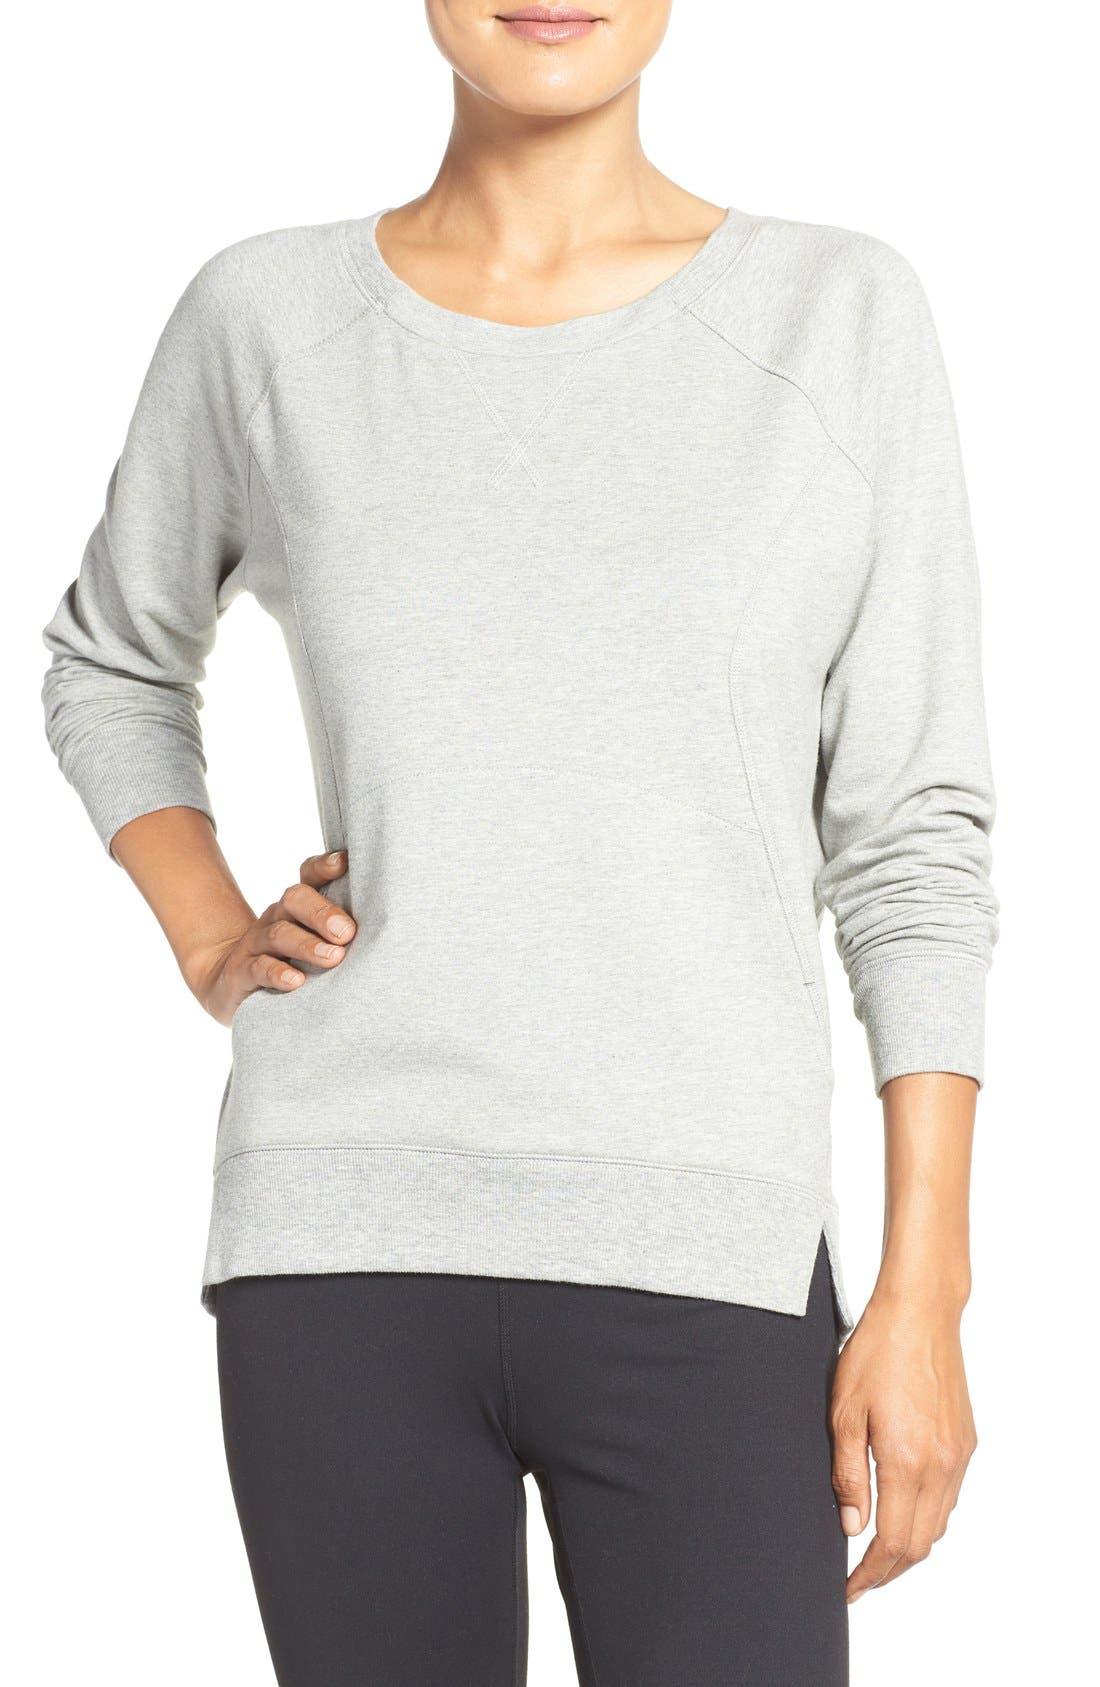 Main Image - Zella 'Luxesport' Long Sleeve Sweatshirt